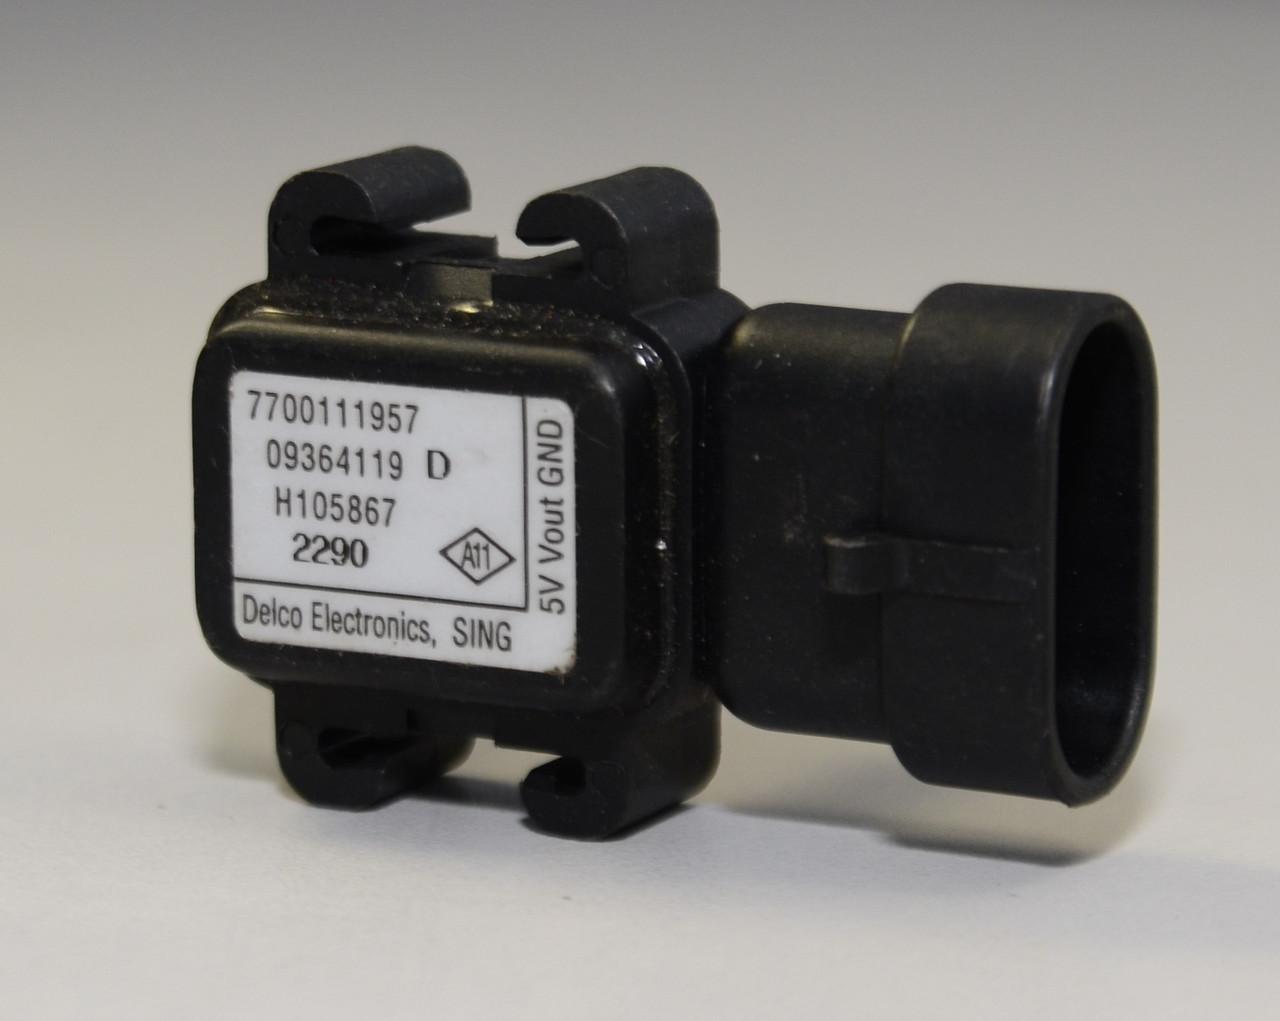 Датчик регулировки давления воздуха на Renault Trafic II 2001->2003 1.9dCi — Renault (Оригинал) - 7700111957